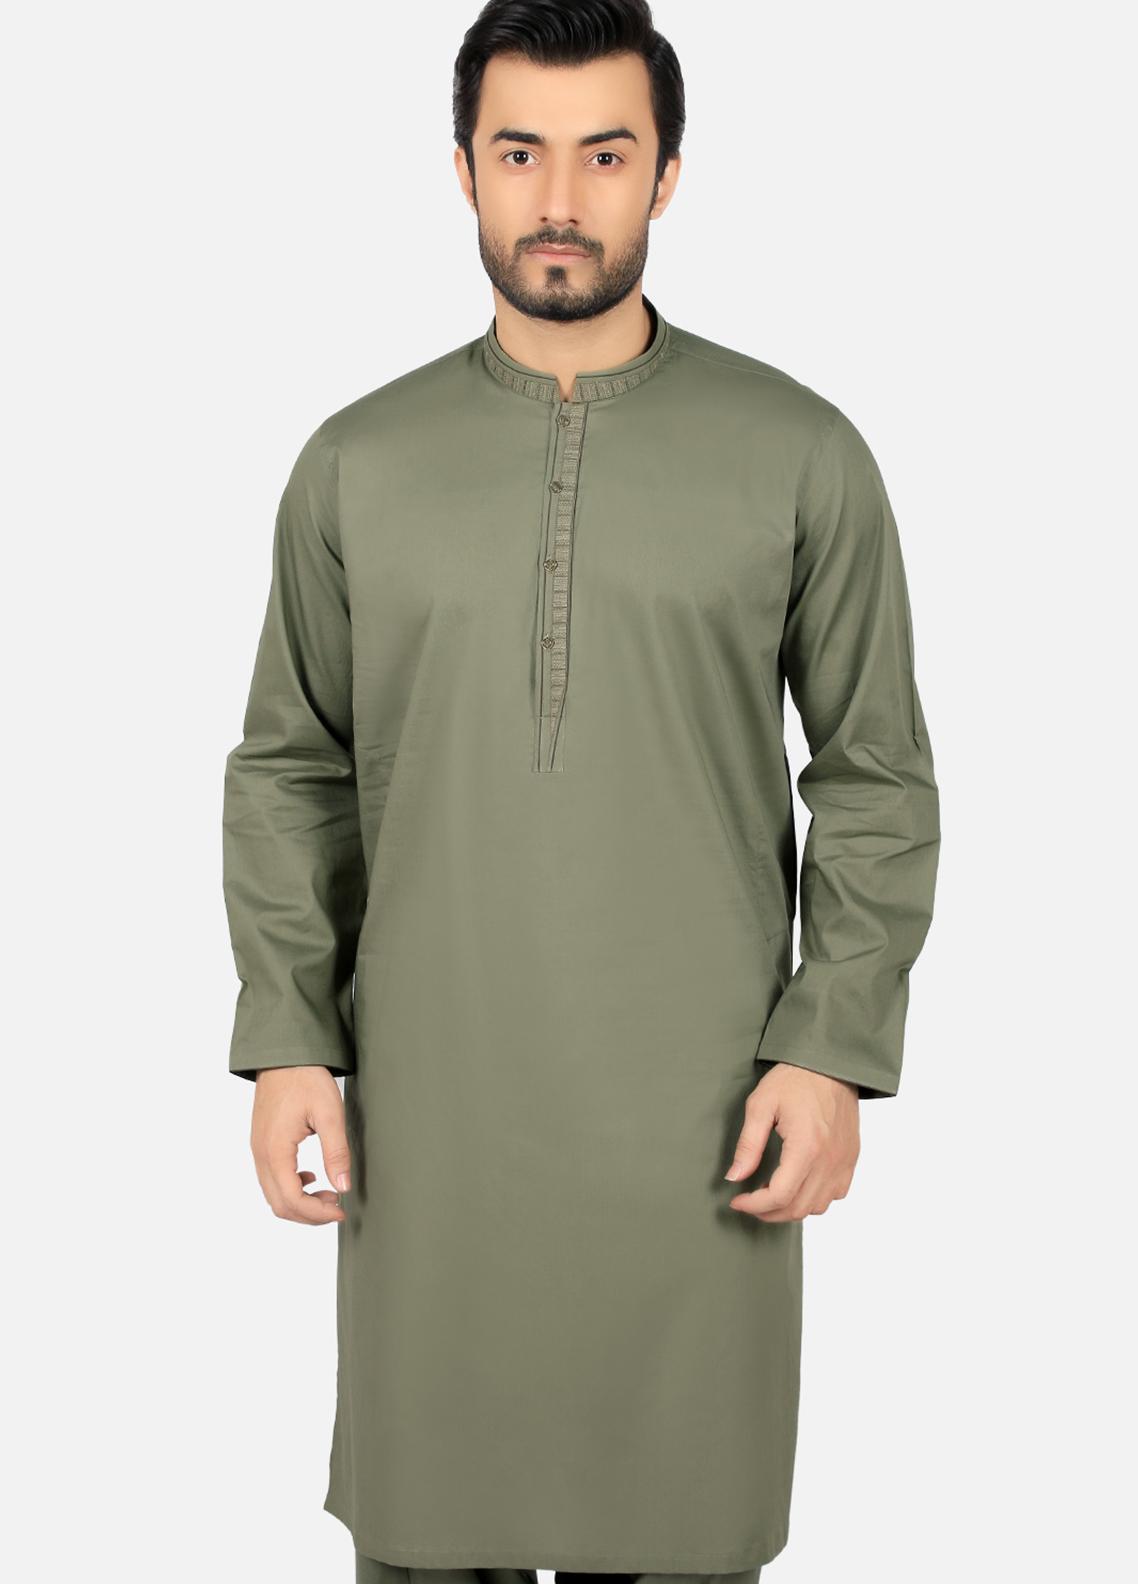 Edenrobe Wash N Wear Formal Kameez Shalwar for Men - Green EMTKS19S-40748